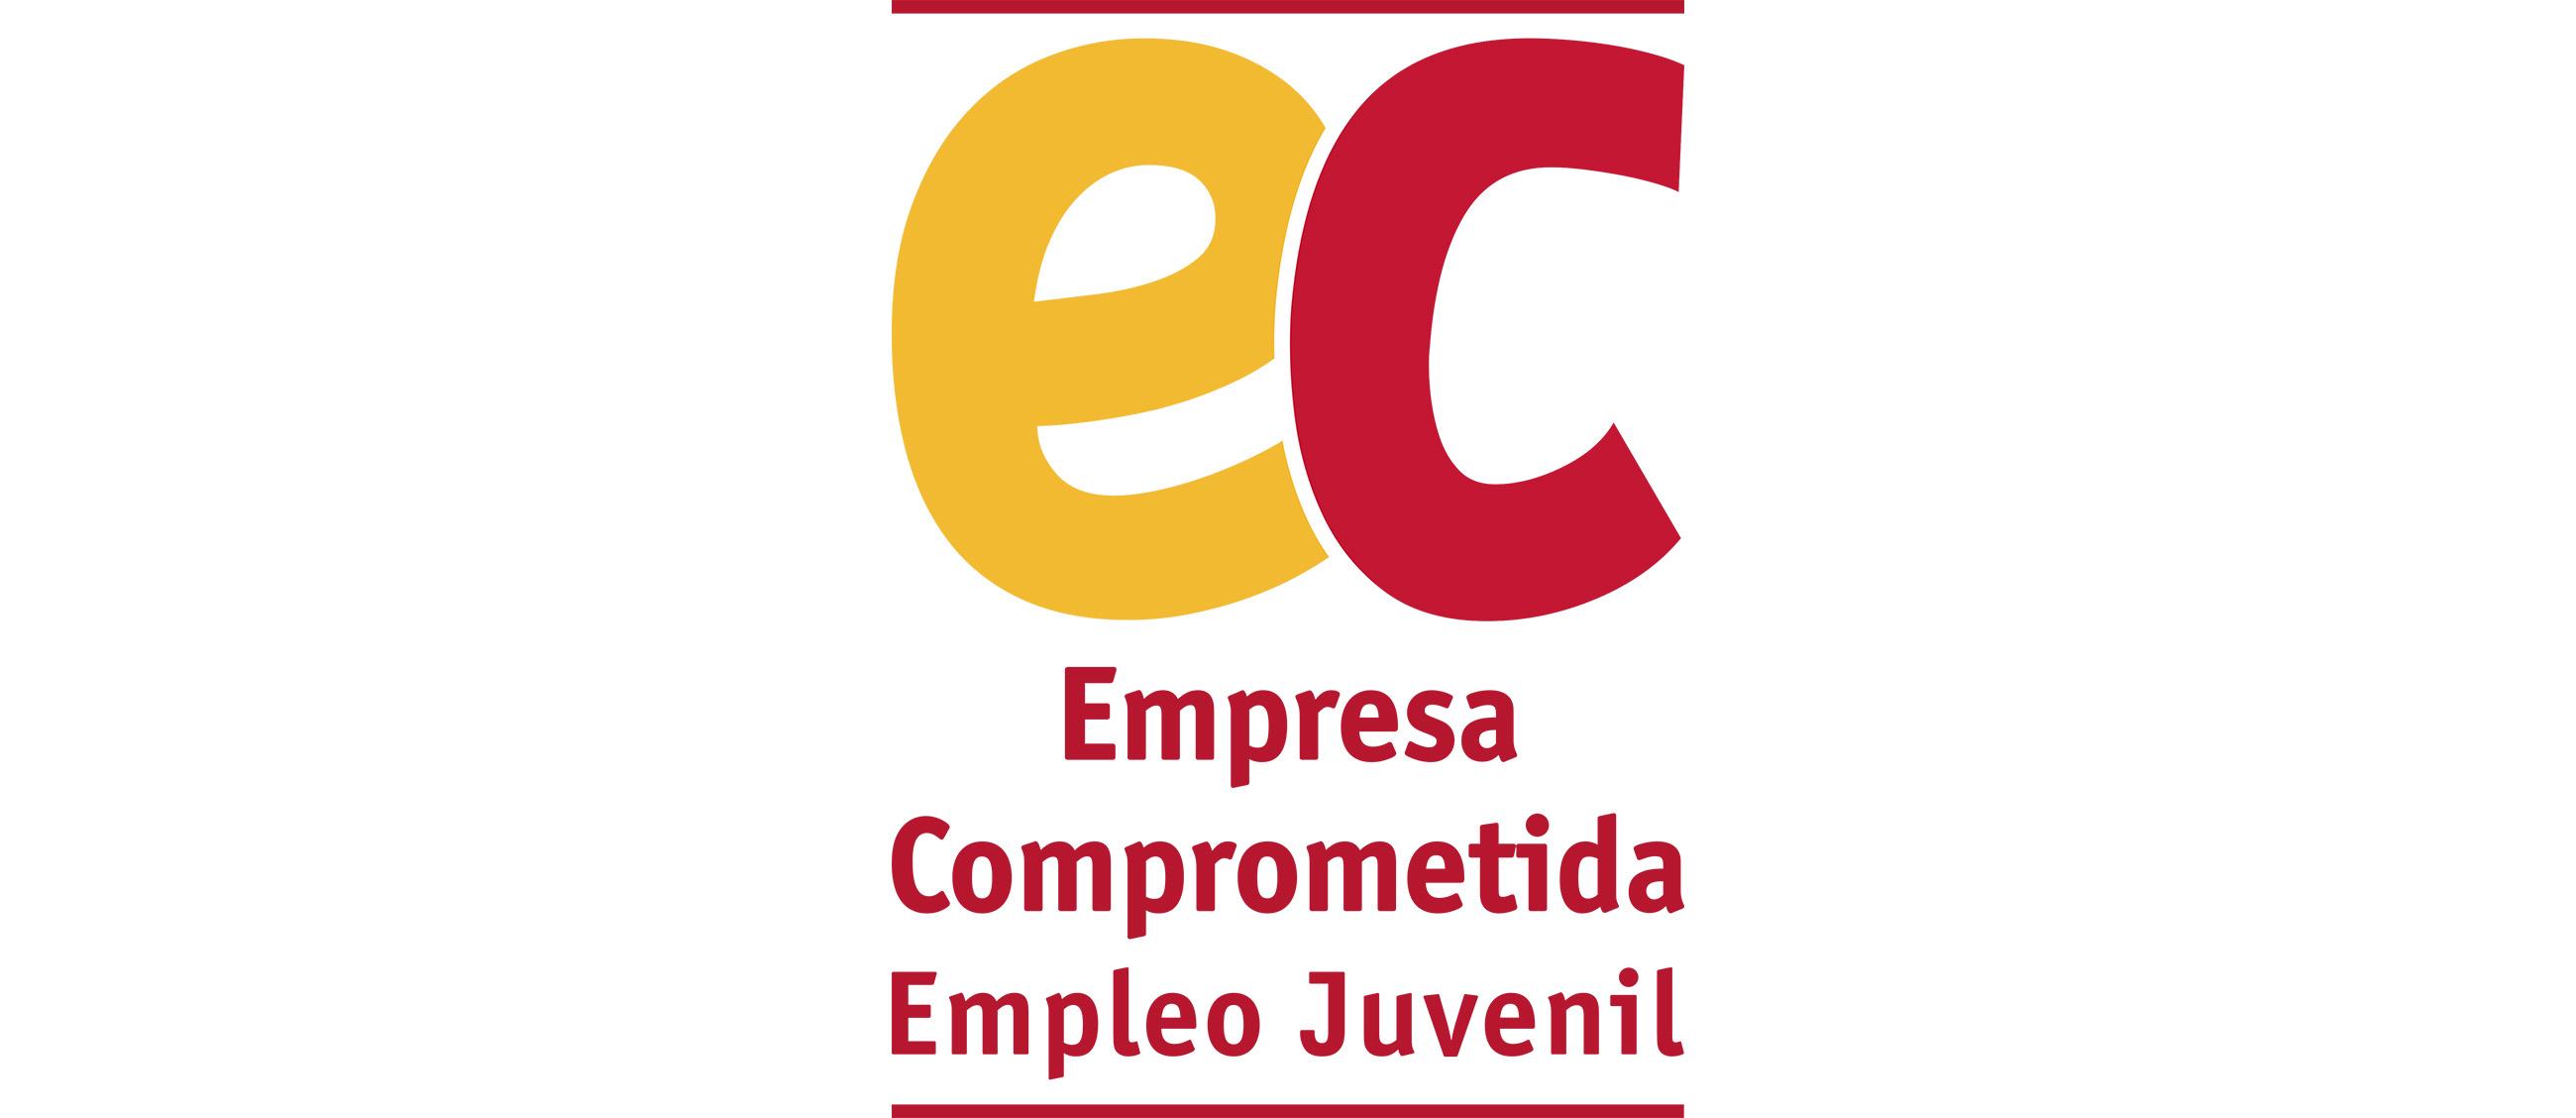 Si buscas empleo en programación web en Zaragoza, esto te interesa